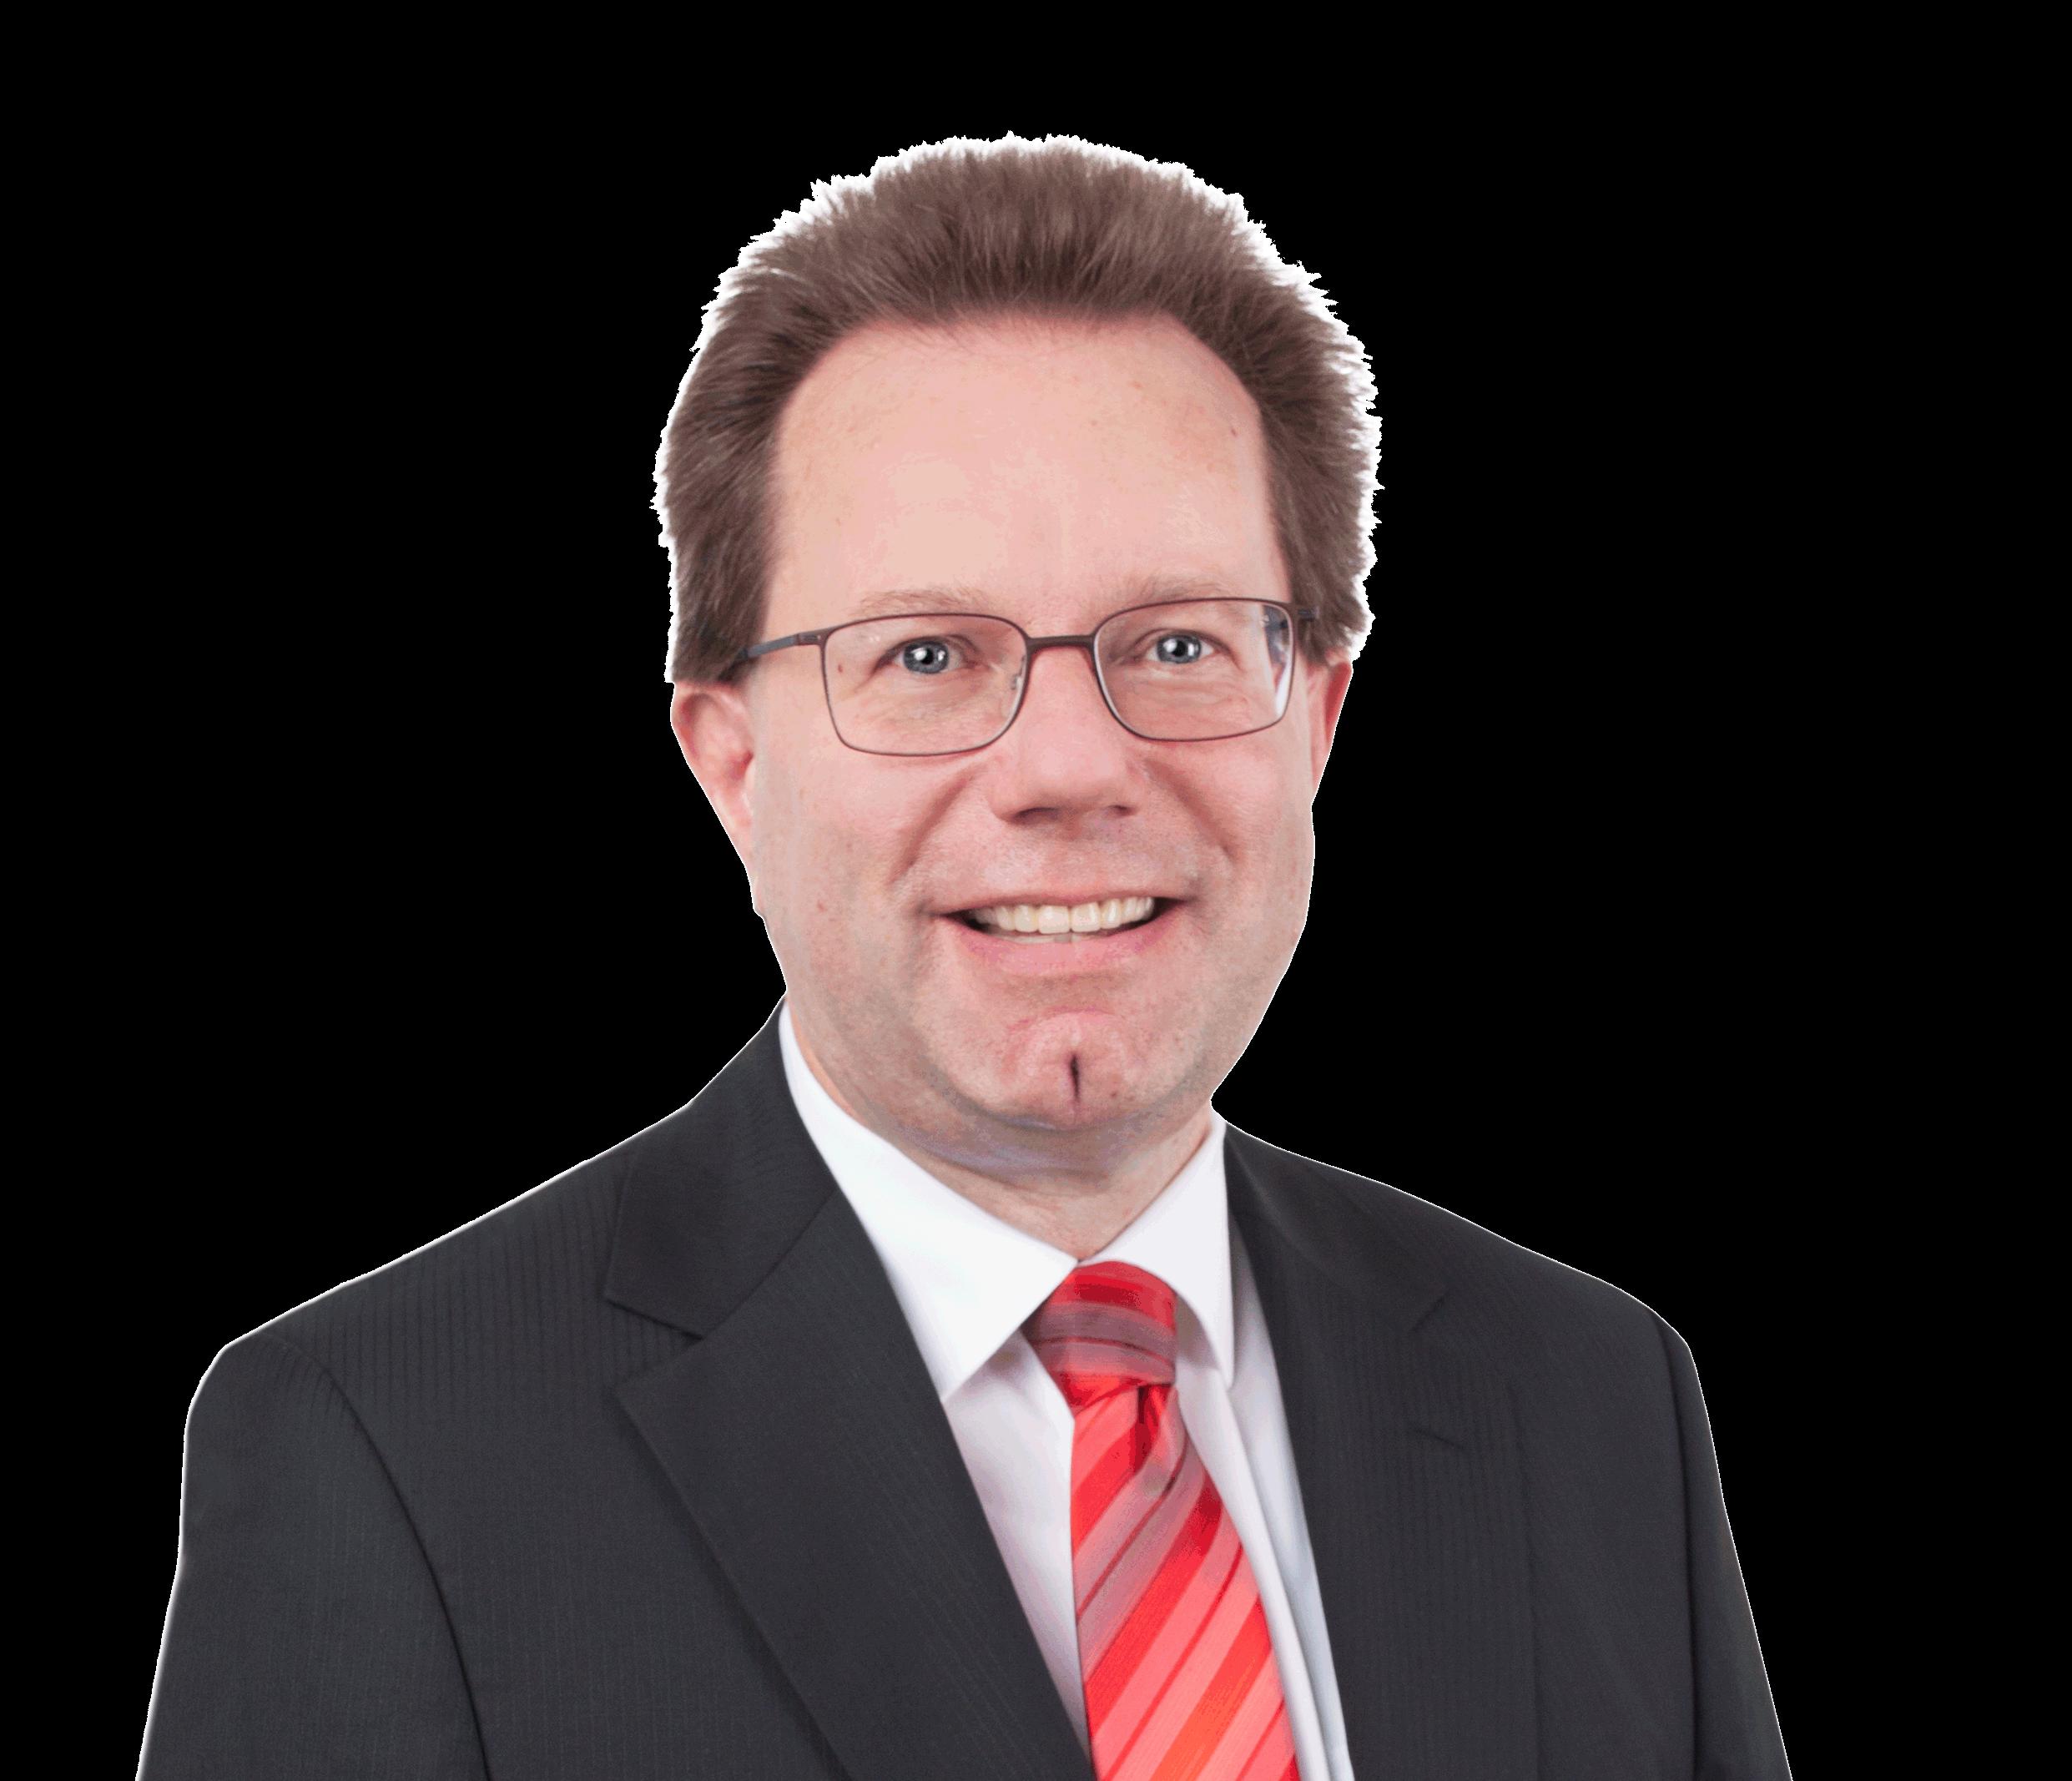 Portrait von Bernd Thiem